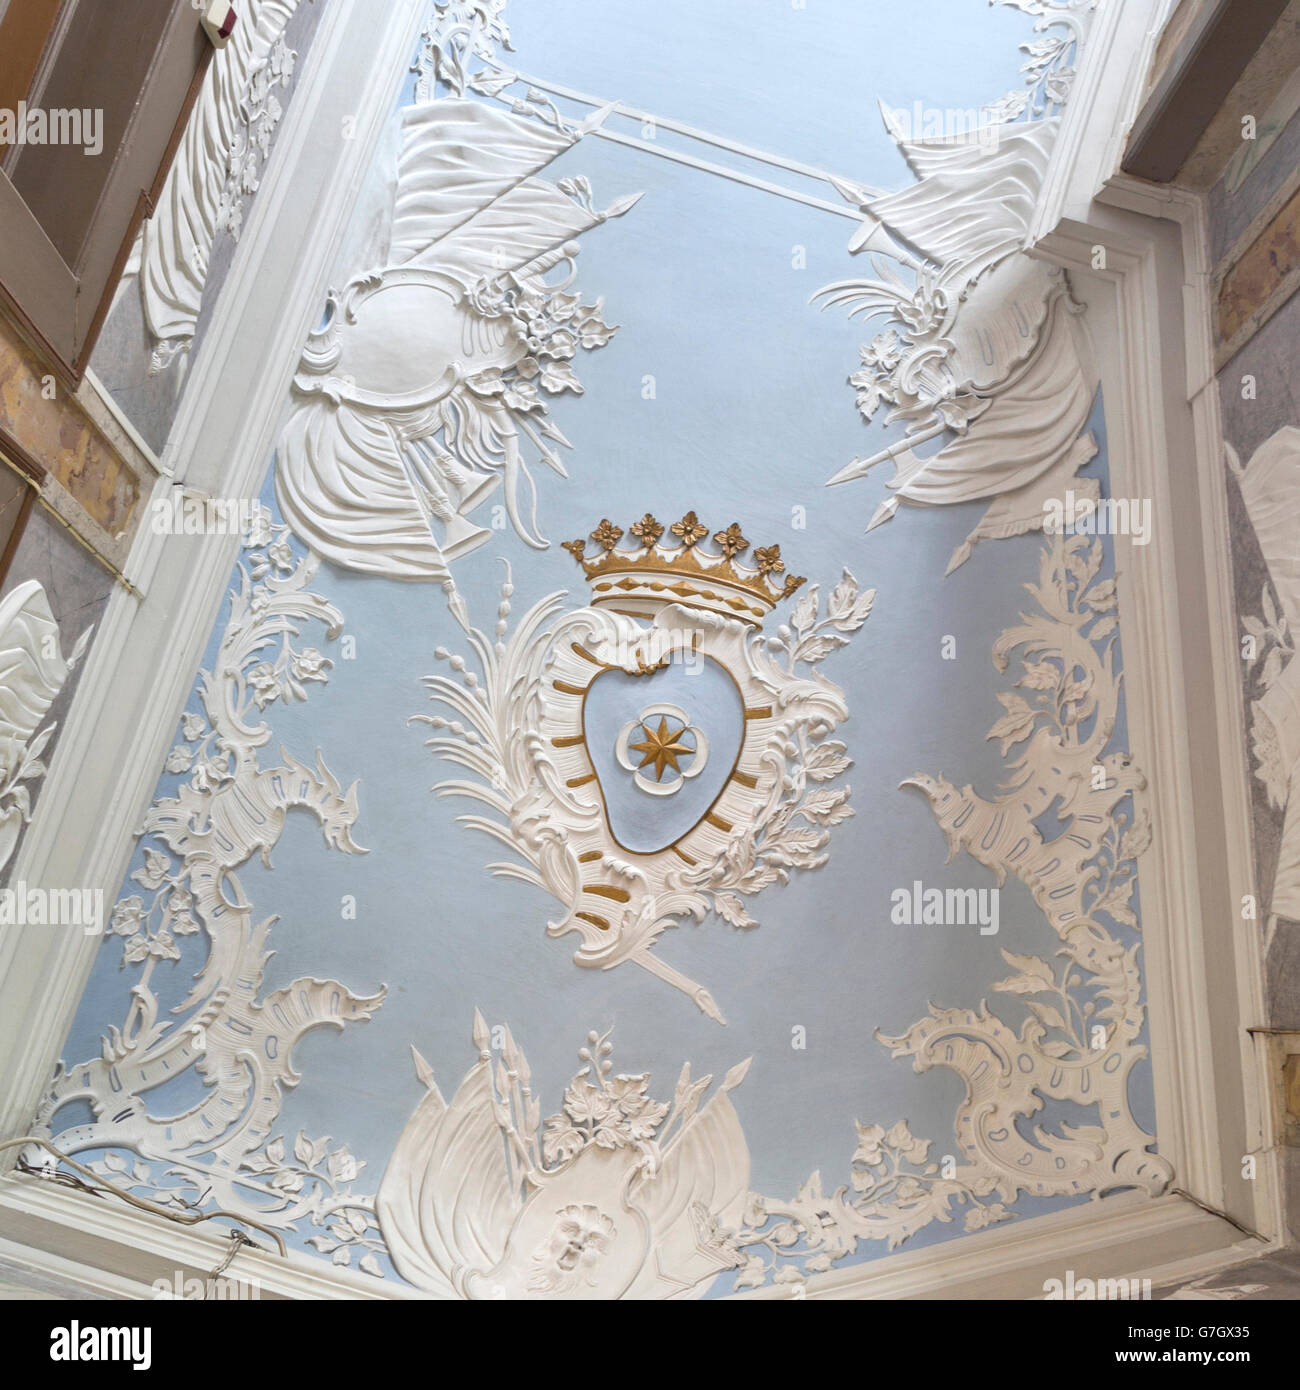 d tail d 39 un magnifique plafond en stuc de style rococo de la salle concordia dans il palais de. Black Bedroom Furniture Sets. Home Design Ideas